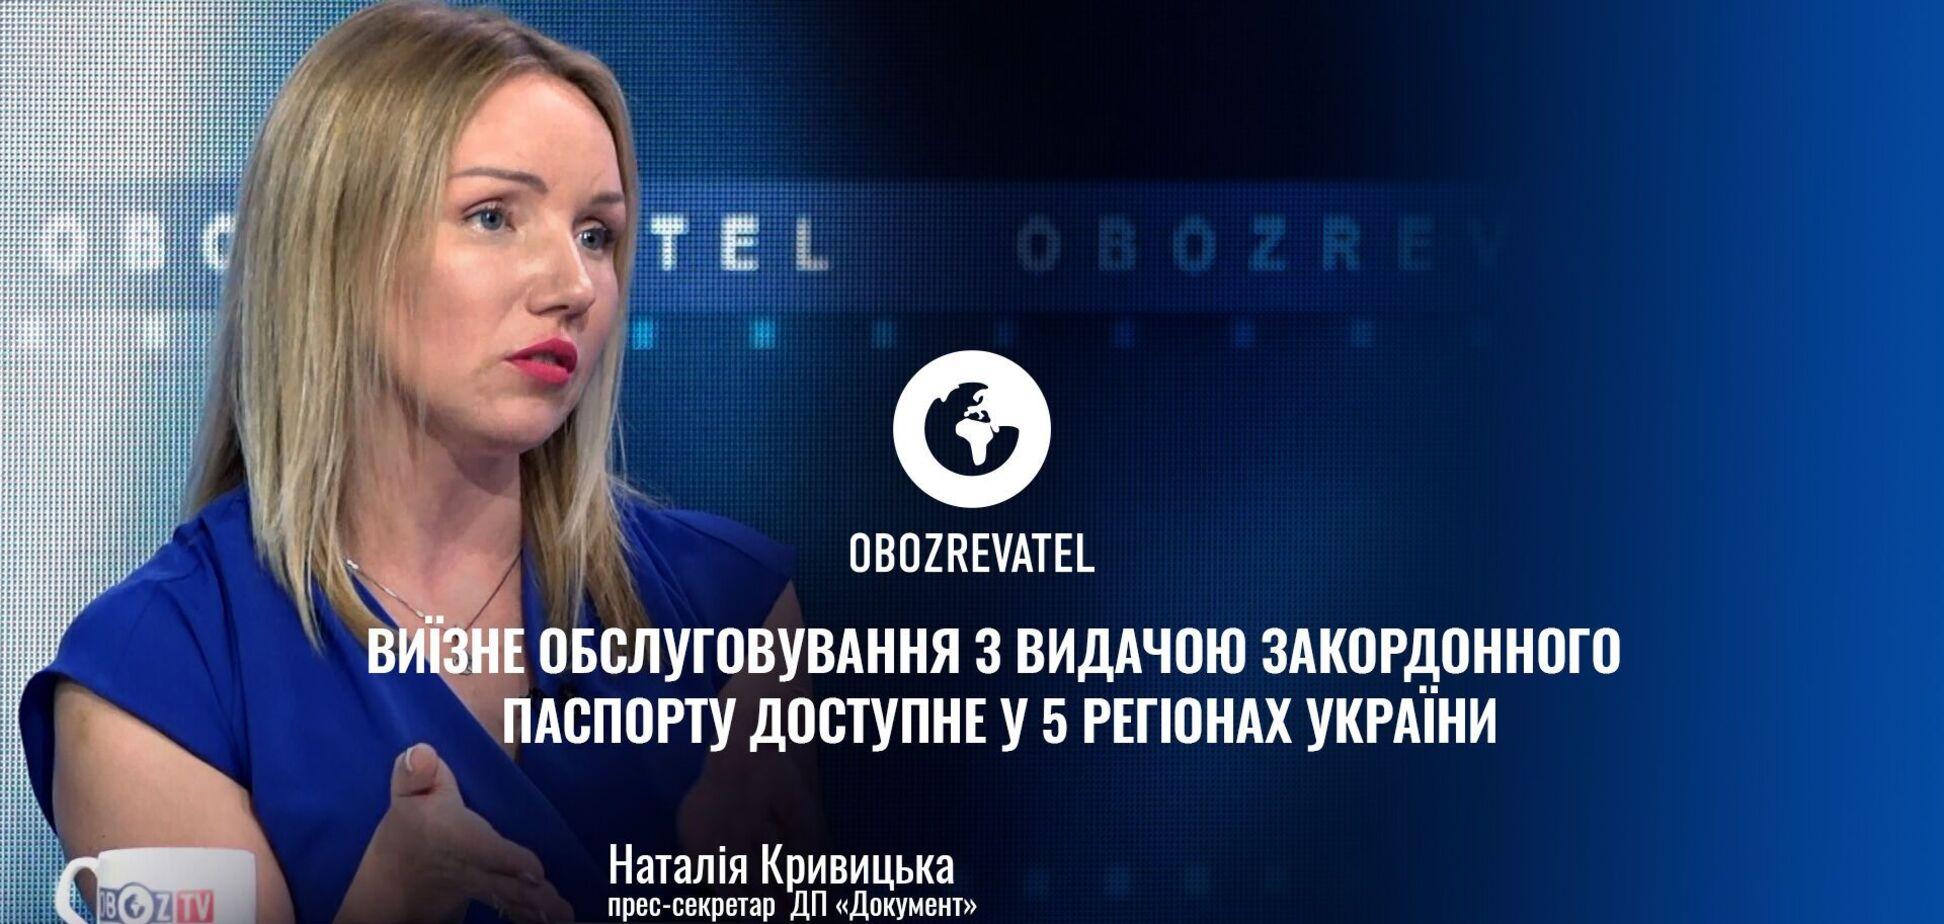 Виїзне обслуговування з видачою закордонного паспорту доступне у 5 регіонах, - Наталія Кривицька